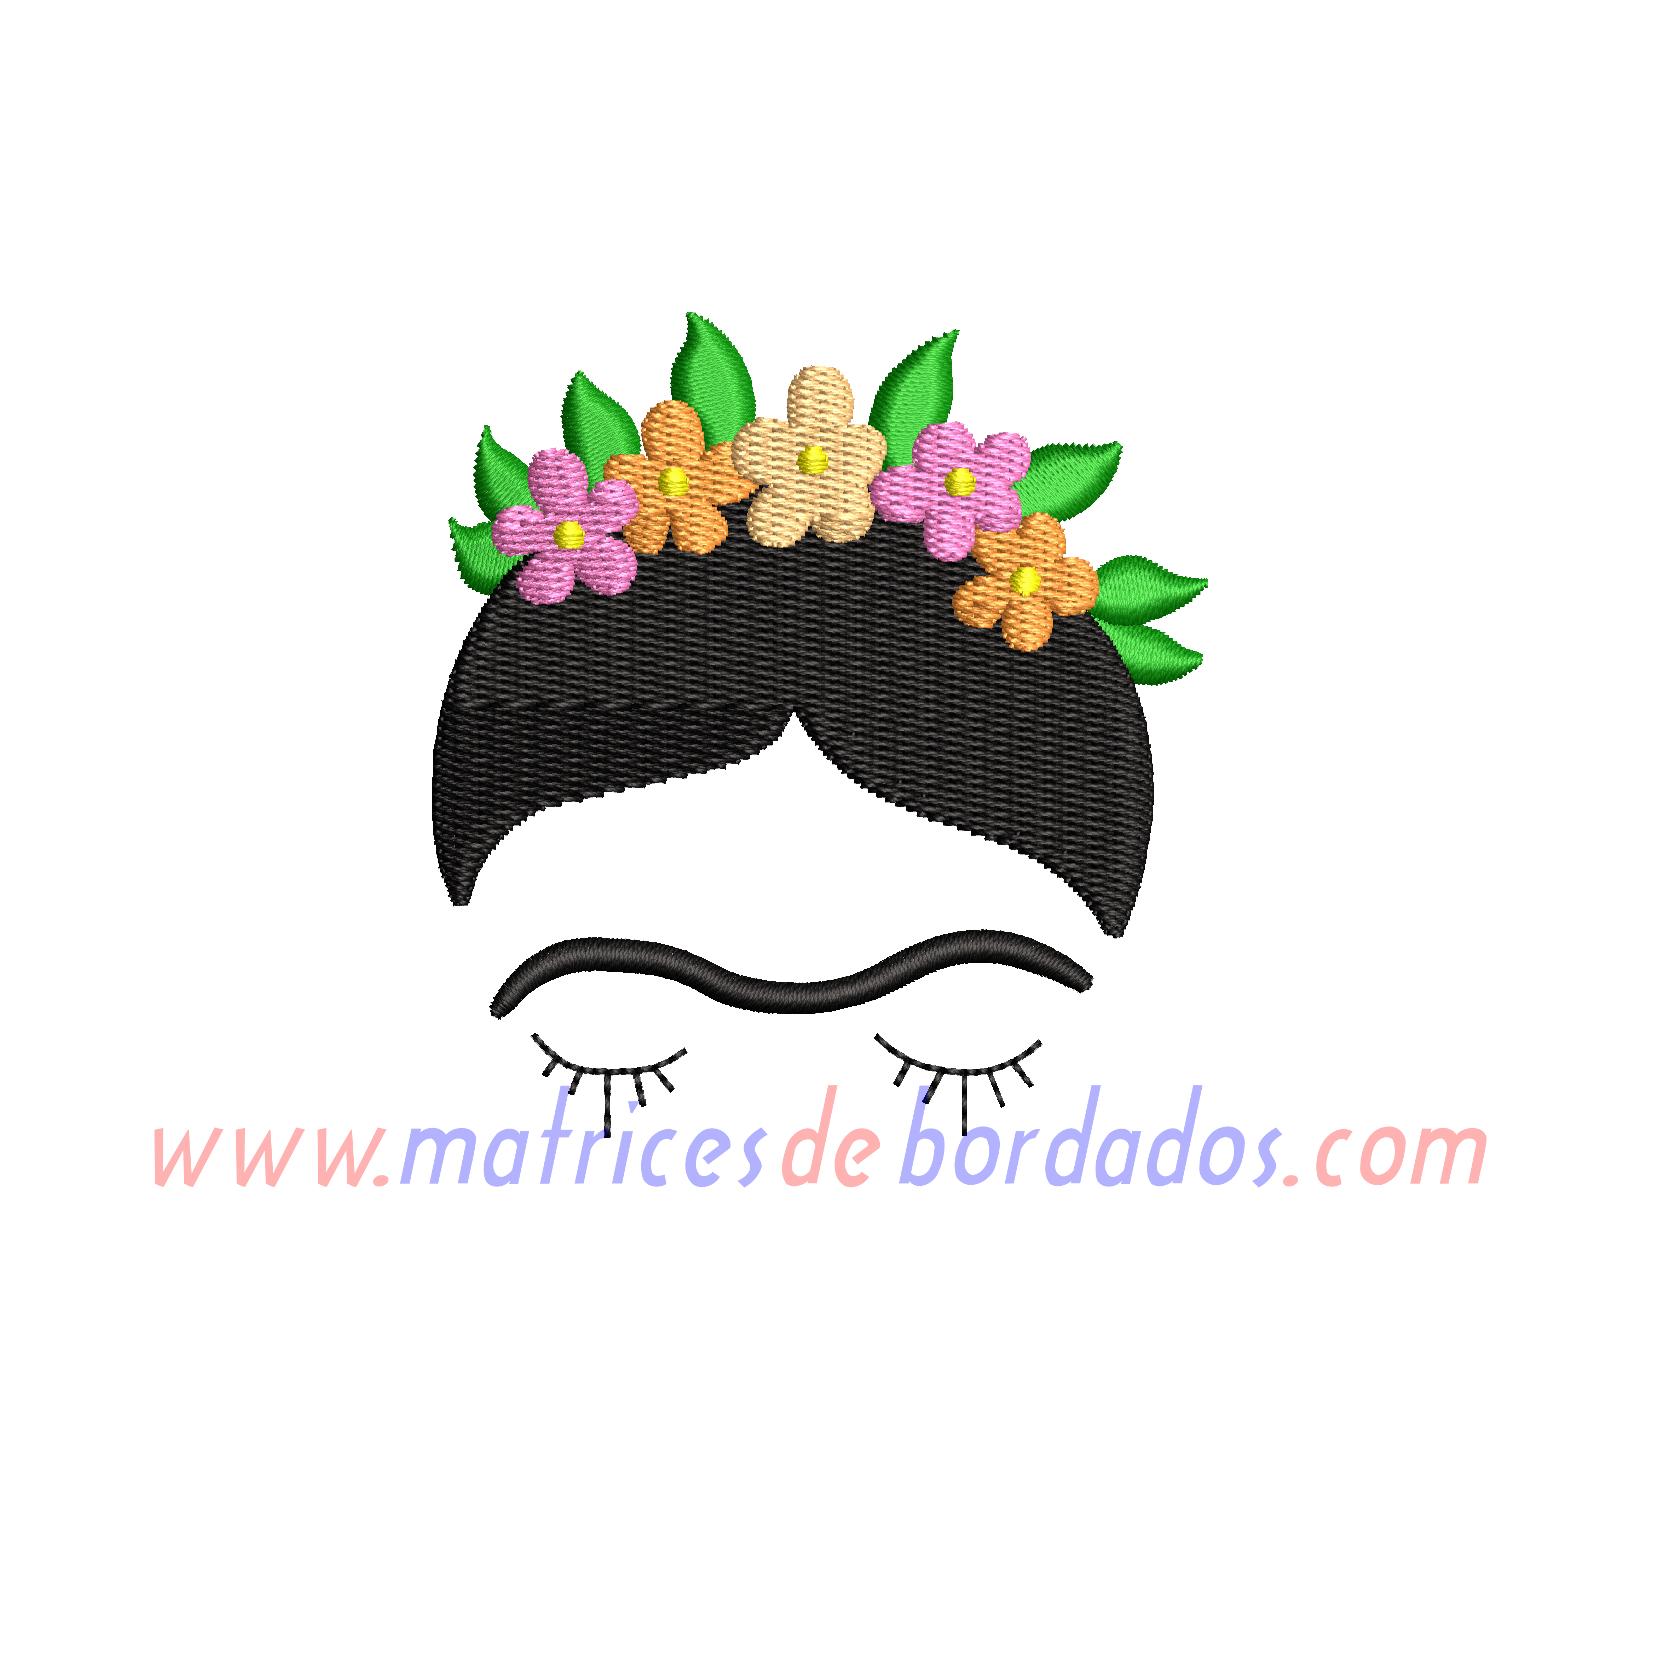 KV41AE - Frida Kahlo